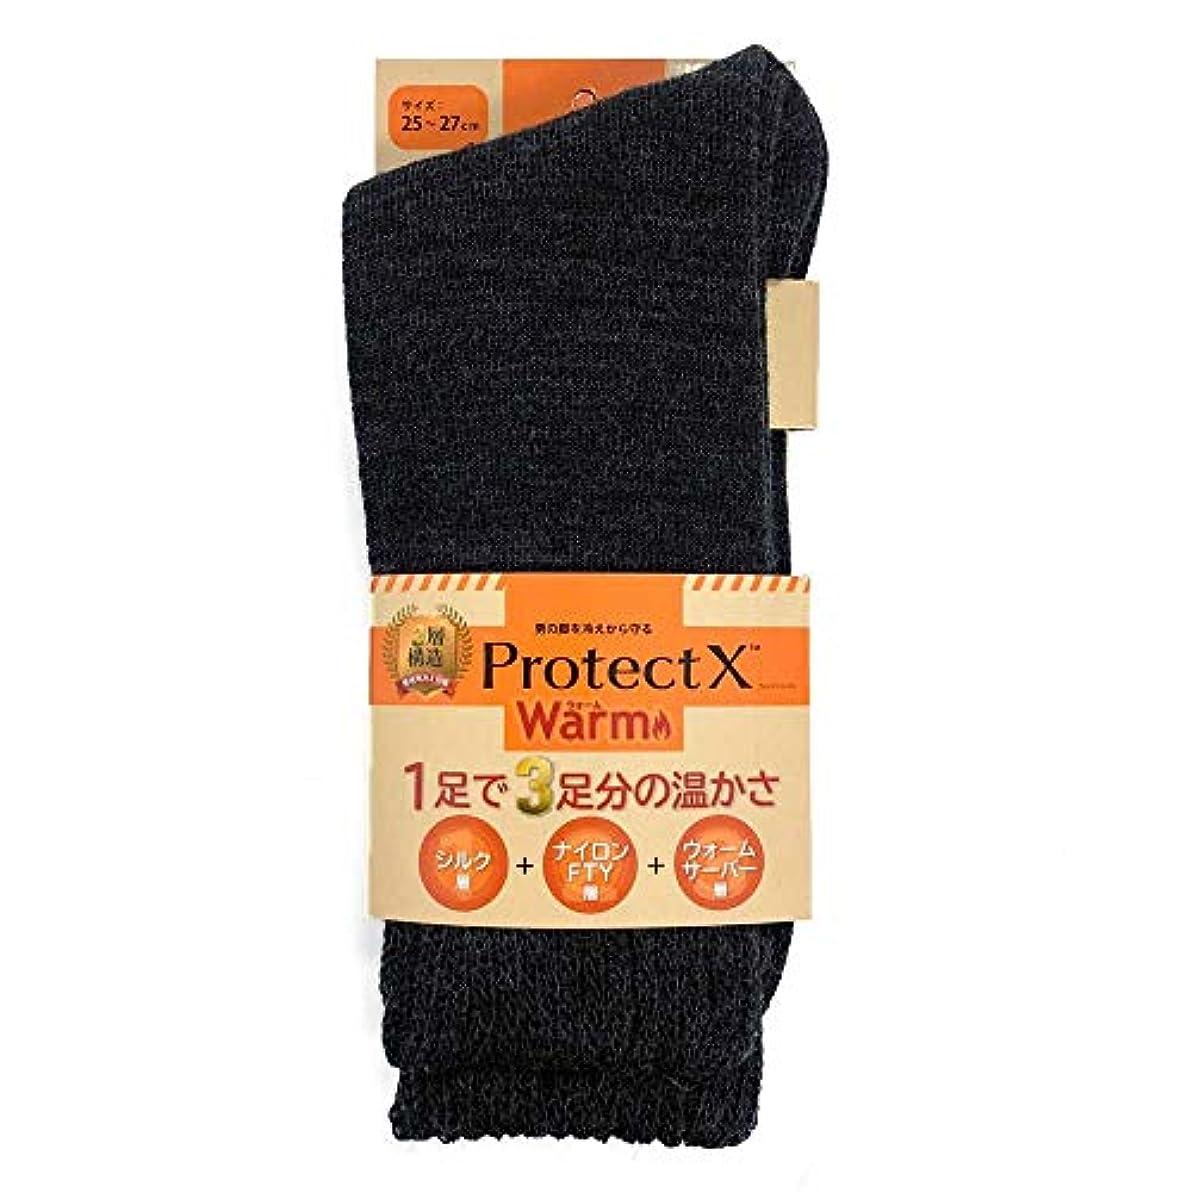 協力的遷移細心の冷え性対策 履き口柔らか 男性用冷え対策 シルク100%(内側) 3層構造 防寒ソックス 25-27cm チャコールグレー